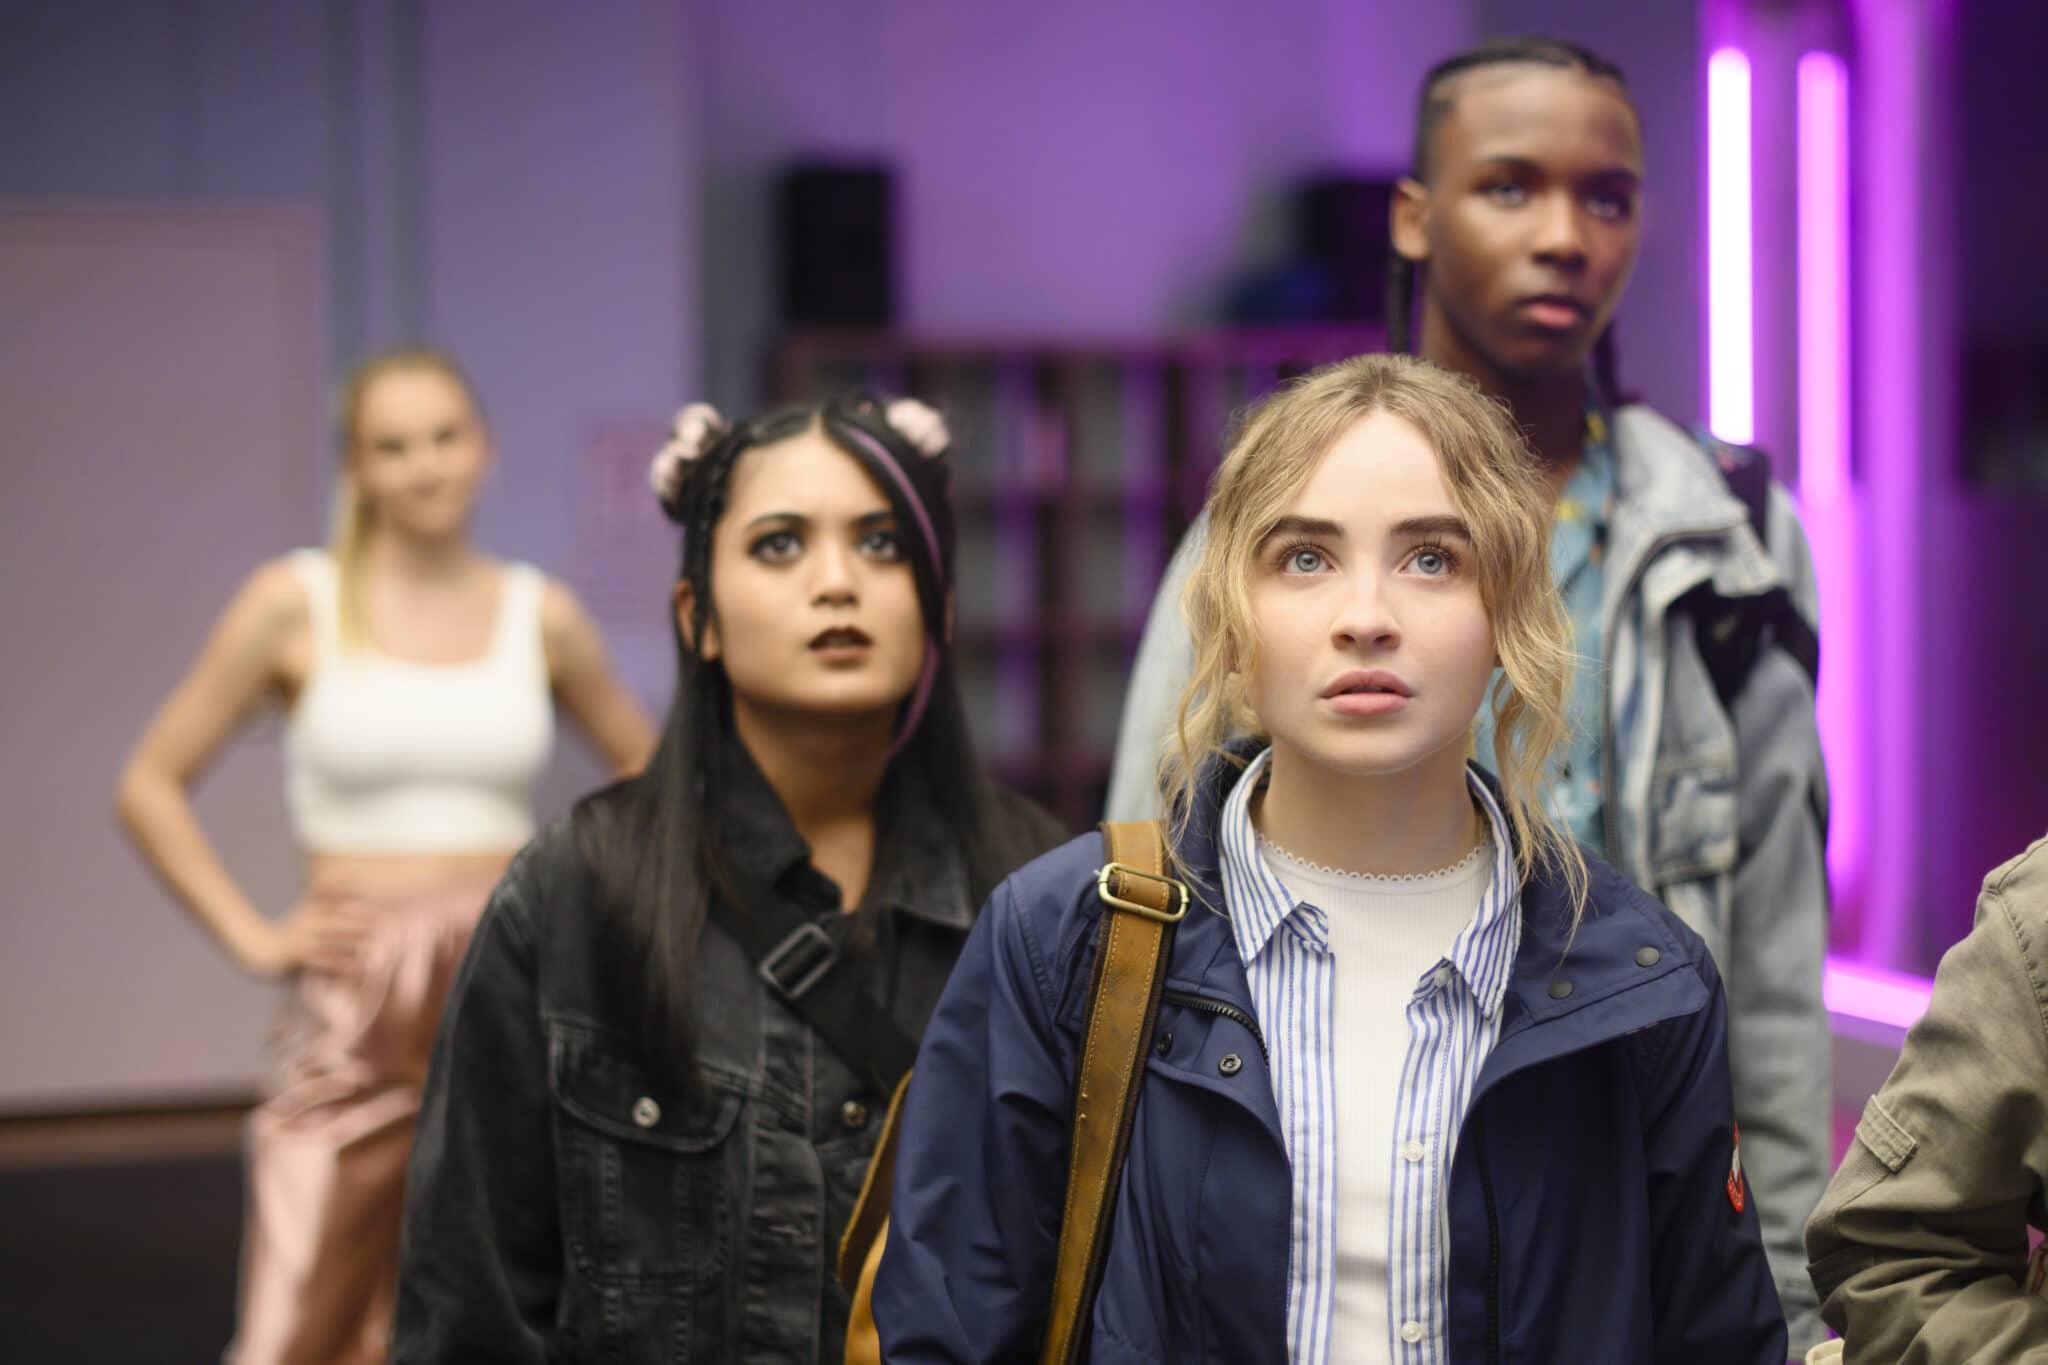 Im Vordergrund steht Sabrina Carpenter als Quinn Ackerman, dahinter leicht unscharf Bianca Asilo als Raven und Nathanielle Scarlette als DJ Tapes